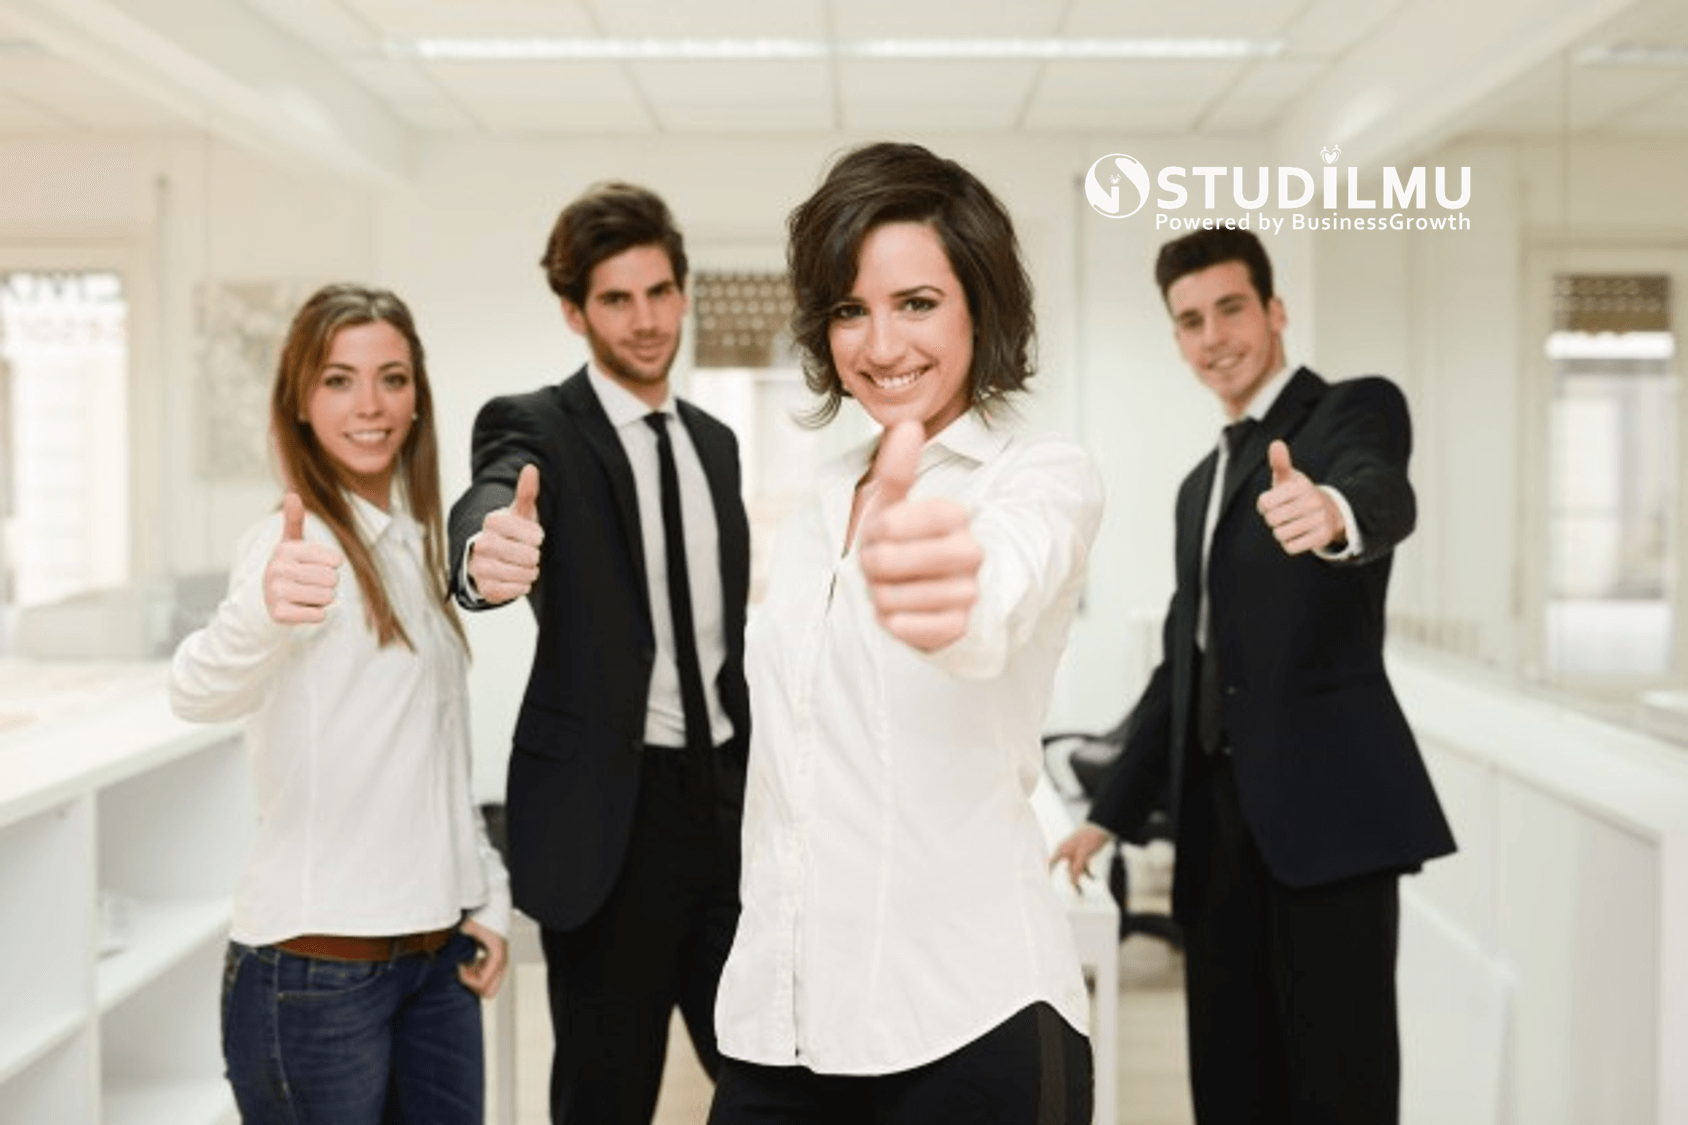 STUDILMU Career Advice - Benarkah Kebahagiaan adalah Mendapatkan Pekerjaan Impian?